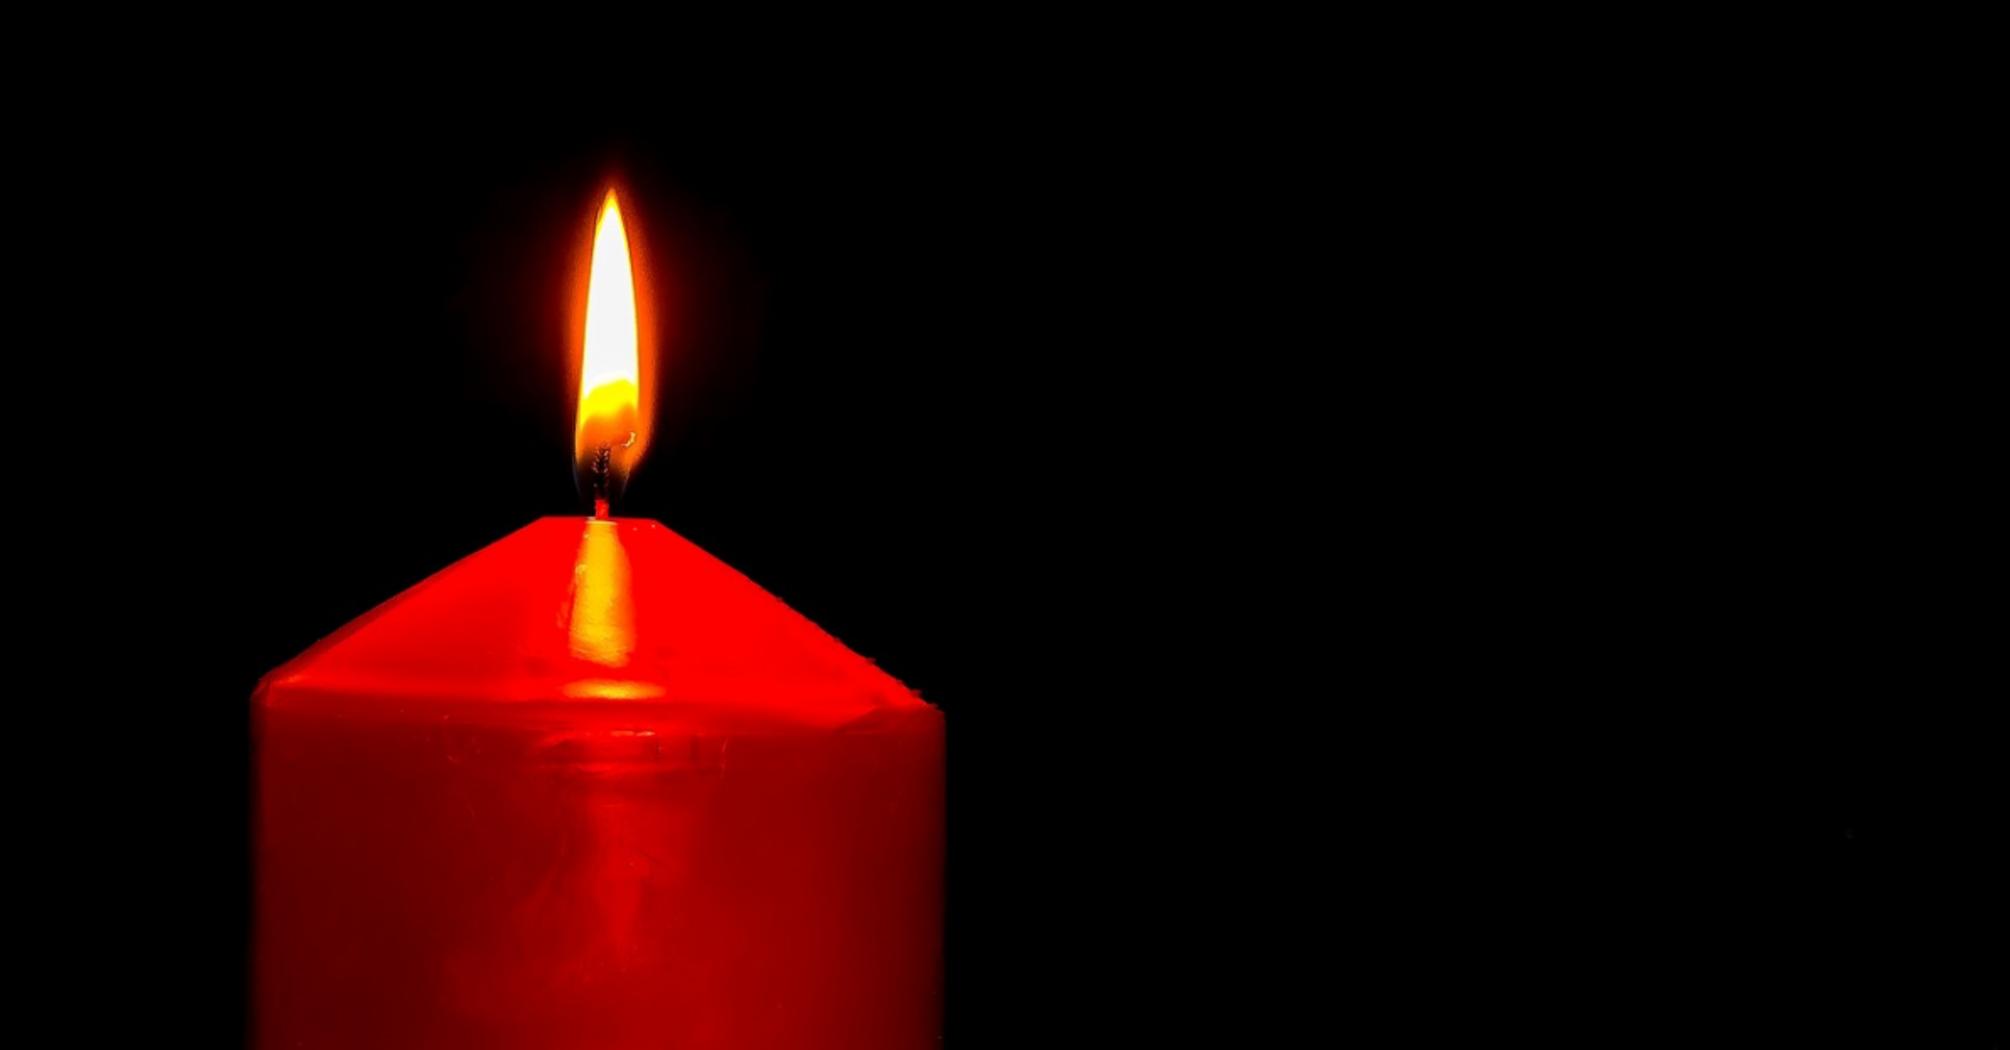 Обряди на Молодик: що робити 24 березня, щоб всі бажання збулися